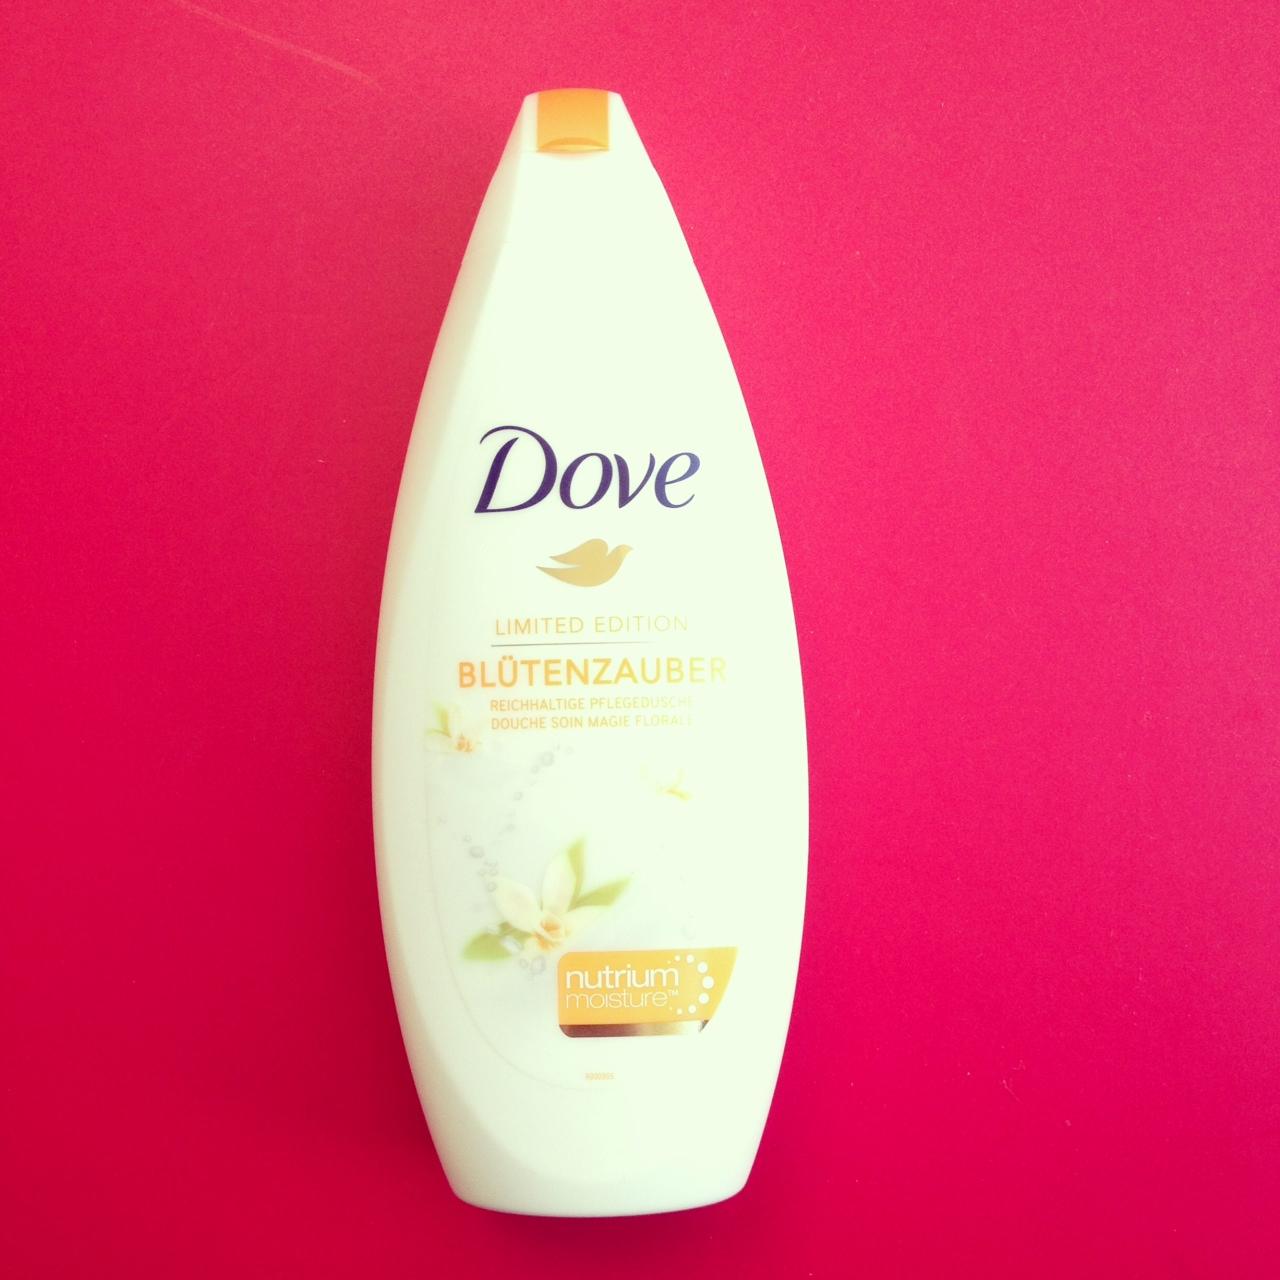 """Neue Limited Editions: Dove """"Blütenzauber"""" & Balea """"Sundance Kokos"""""""